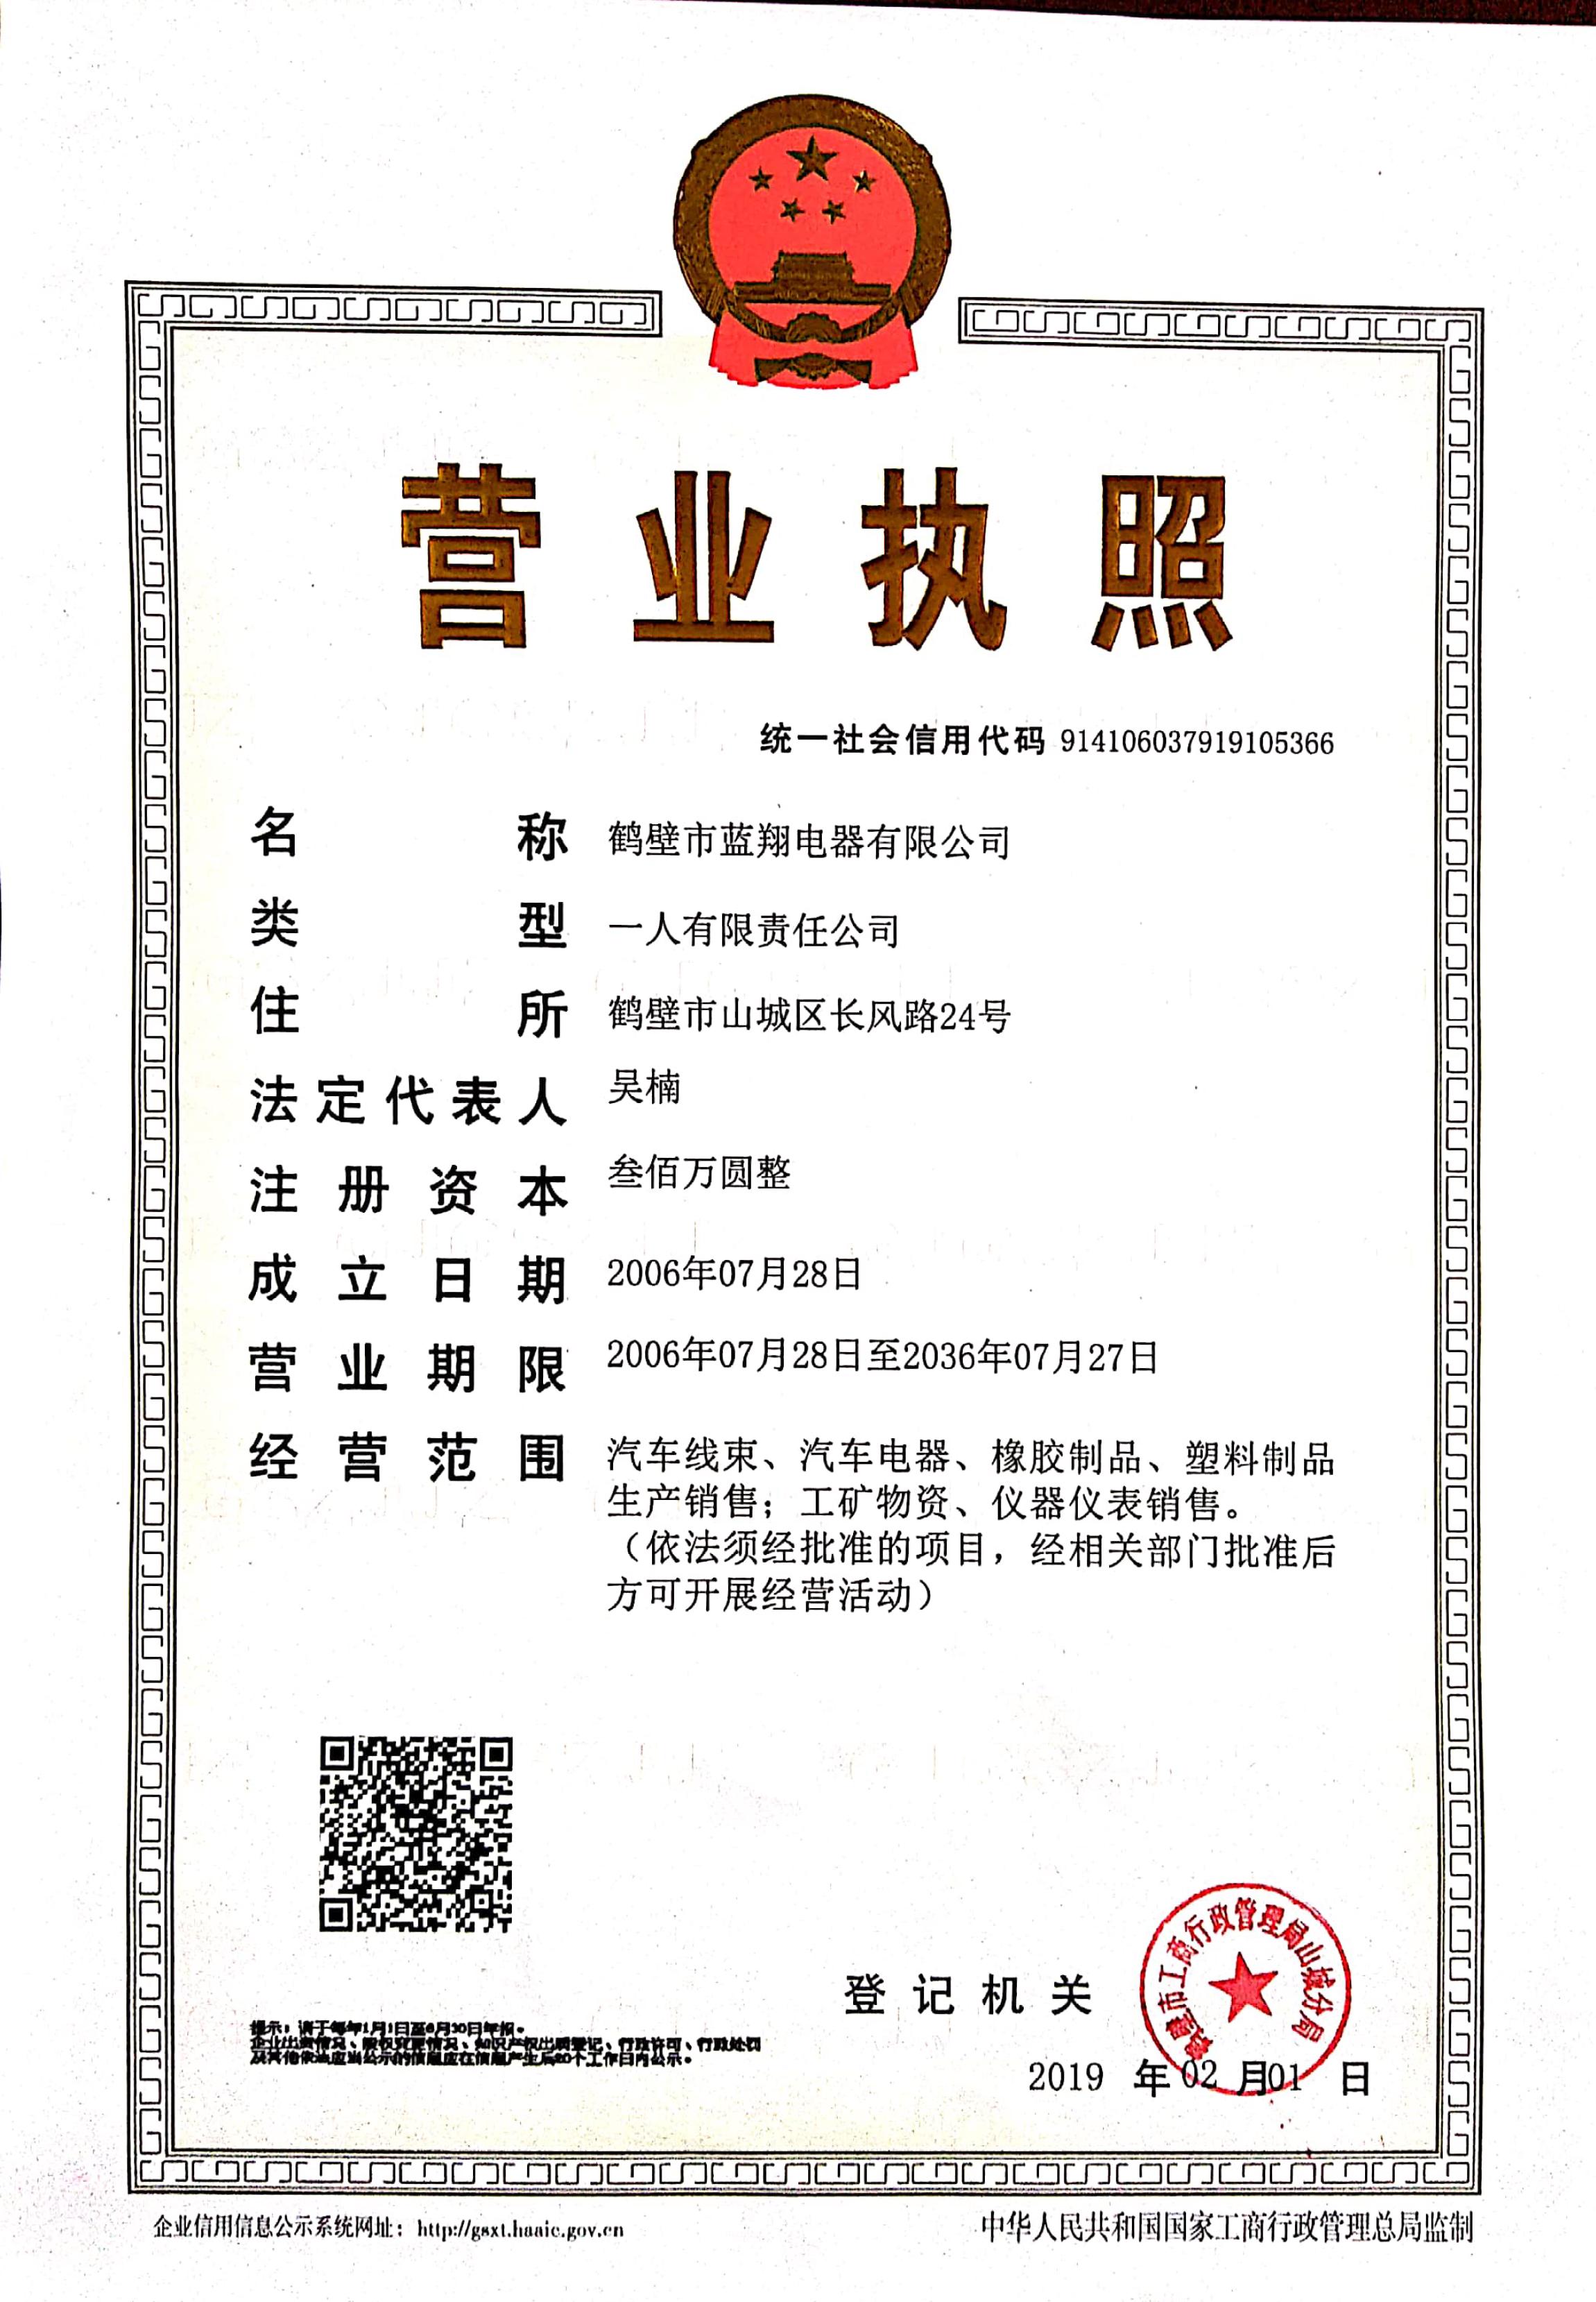 證書營業執照